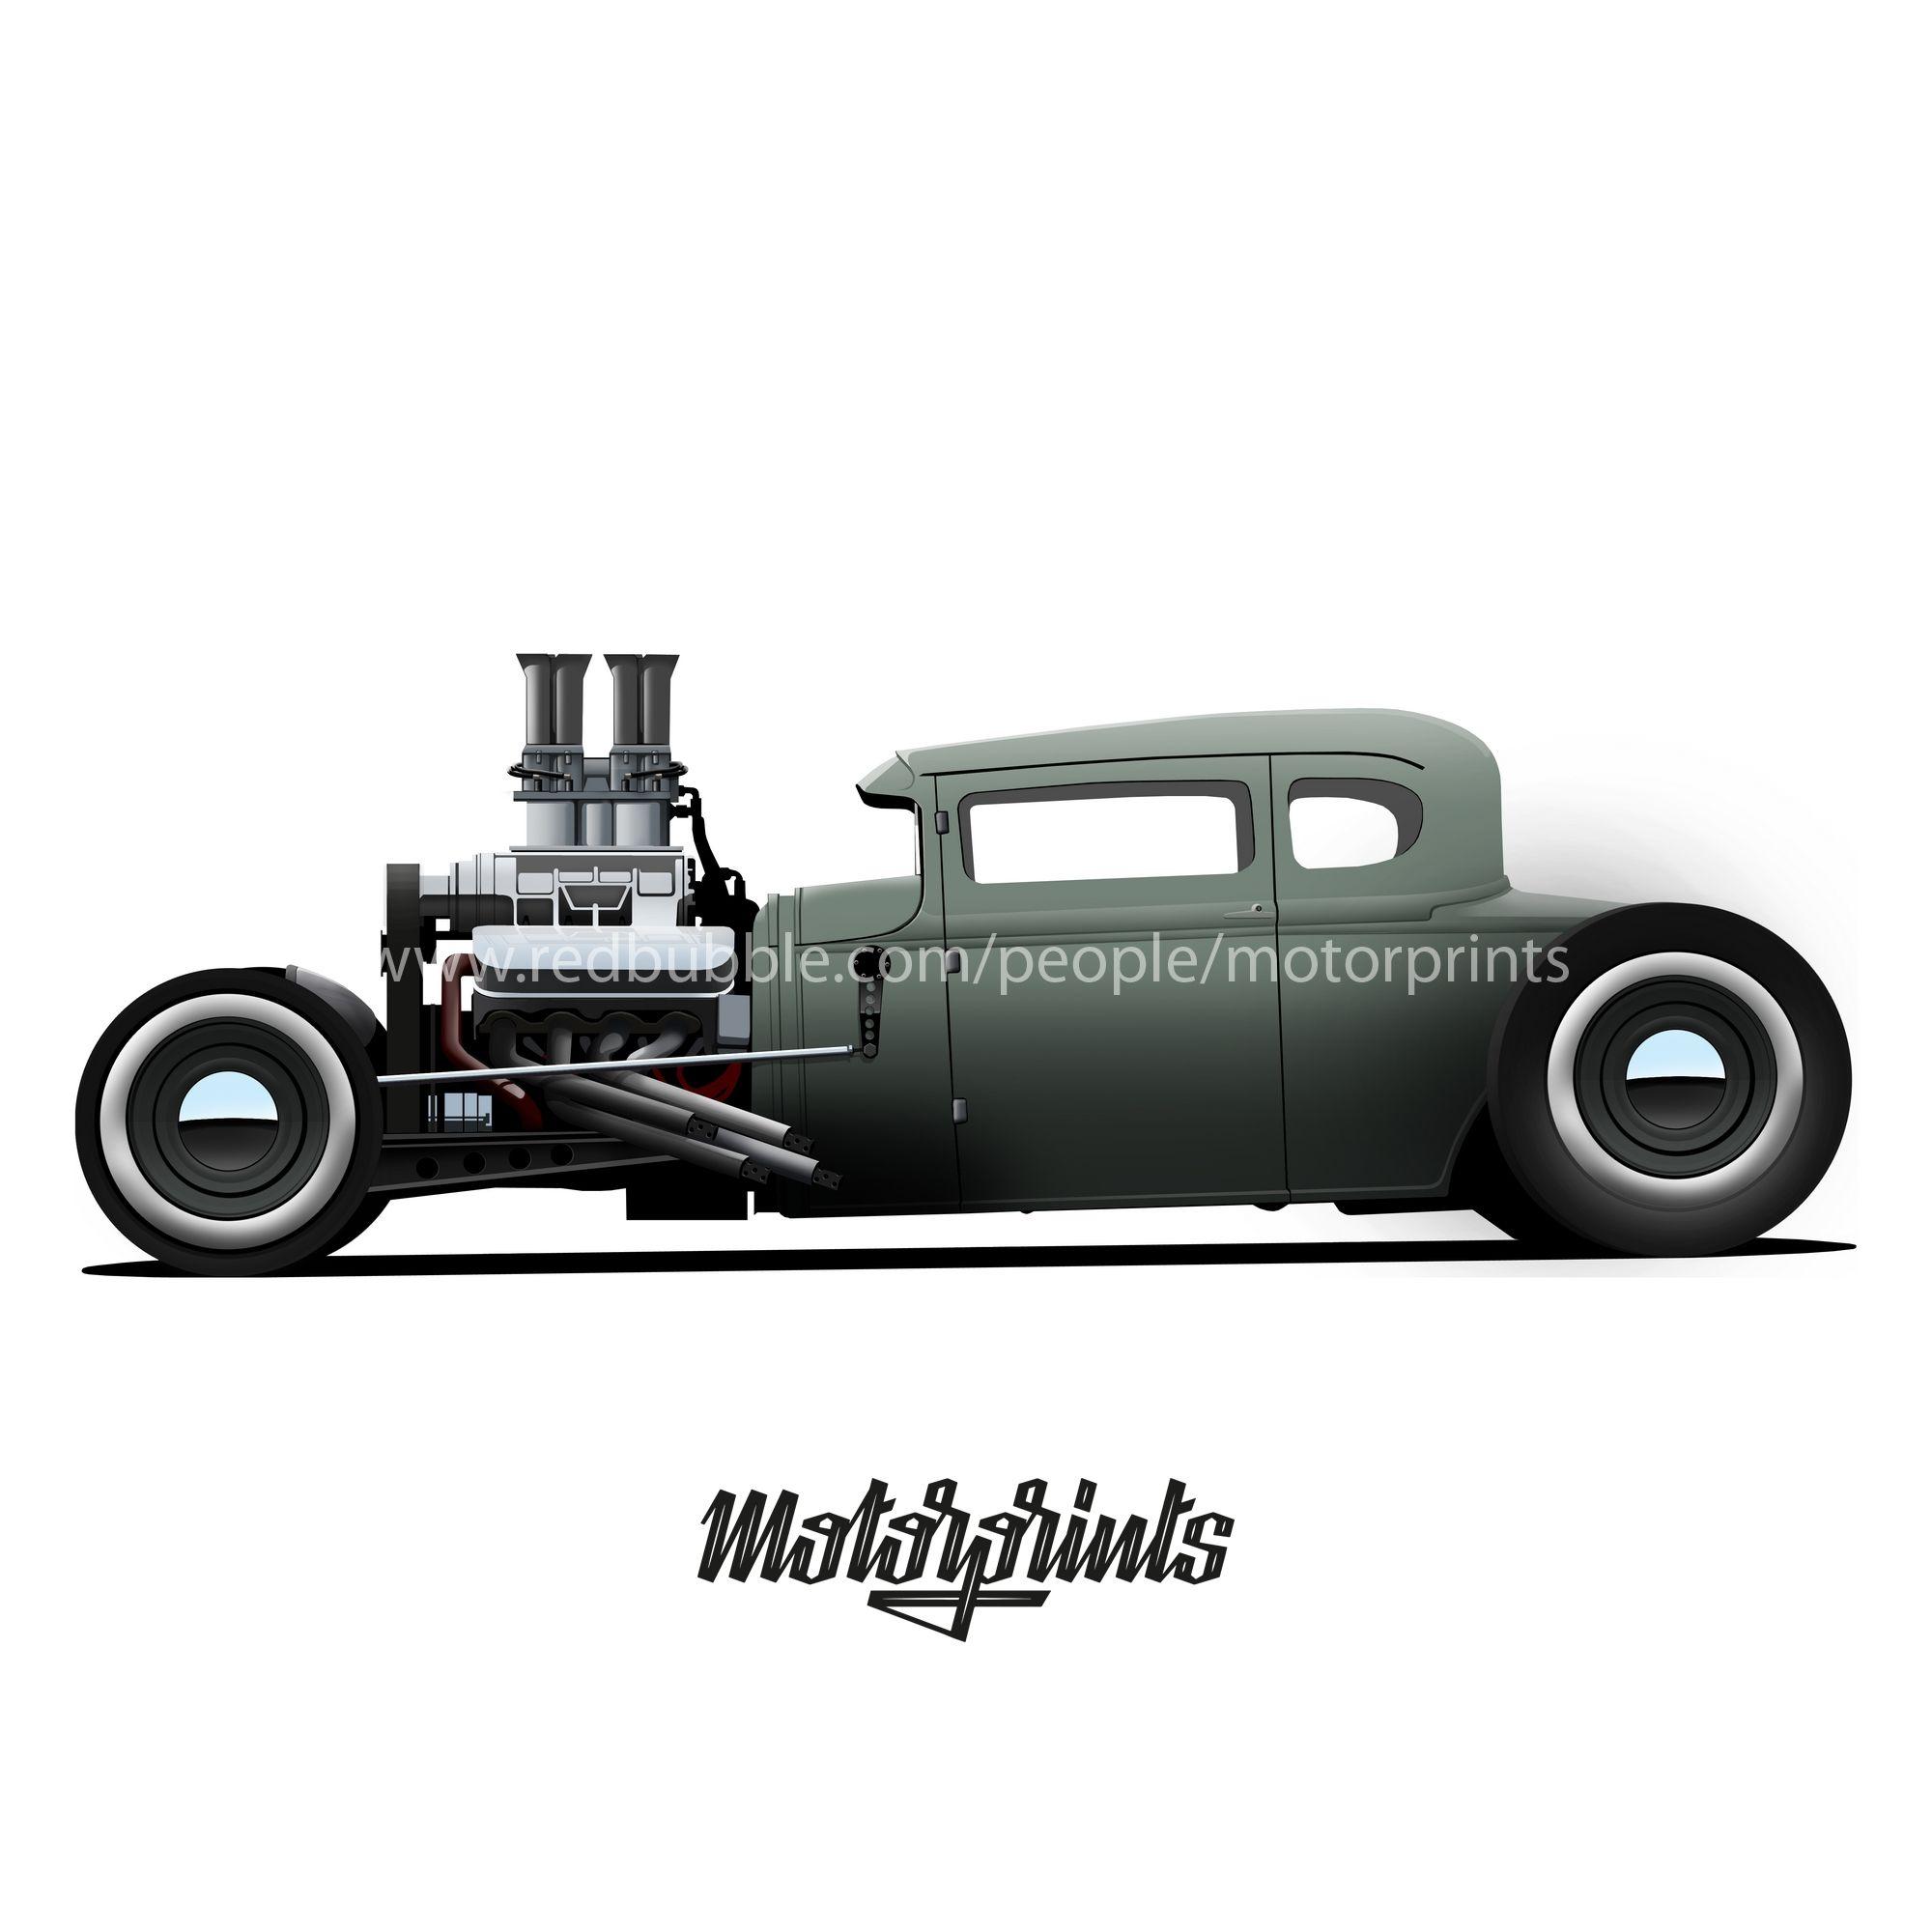 hot rod gray hotrod ford pickup v8 fordv8 car cars auto